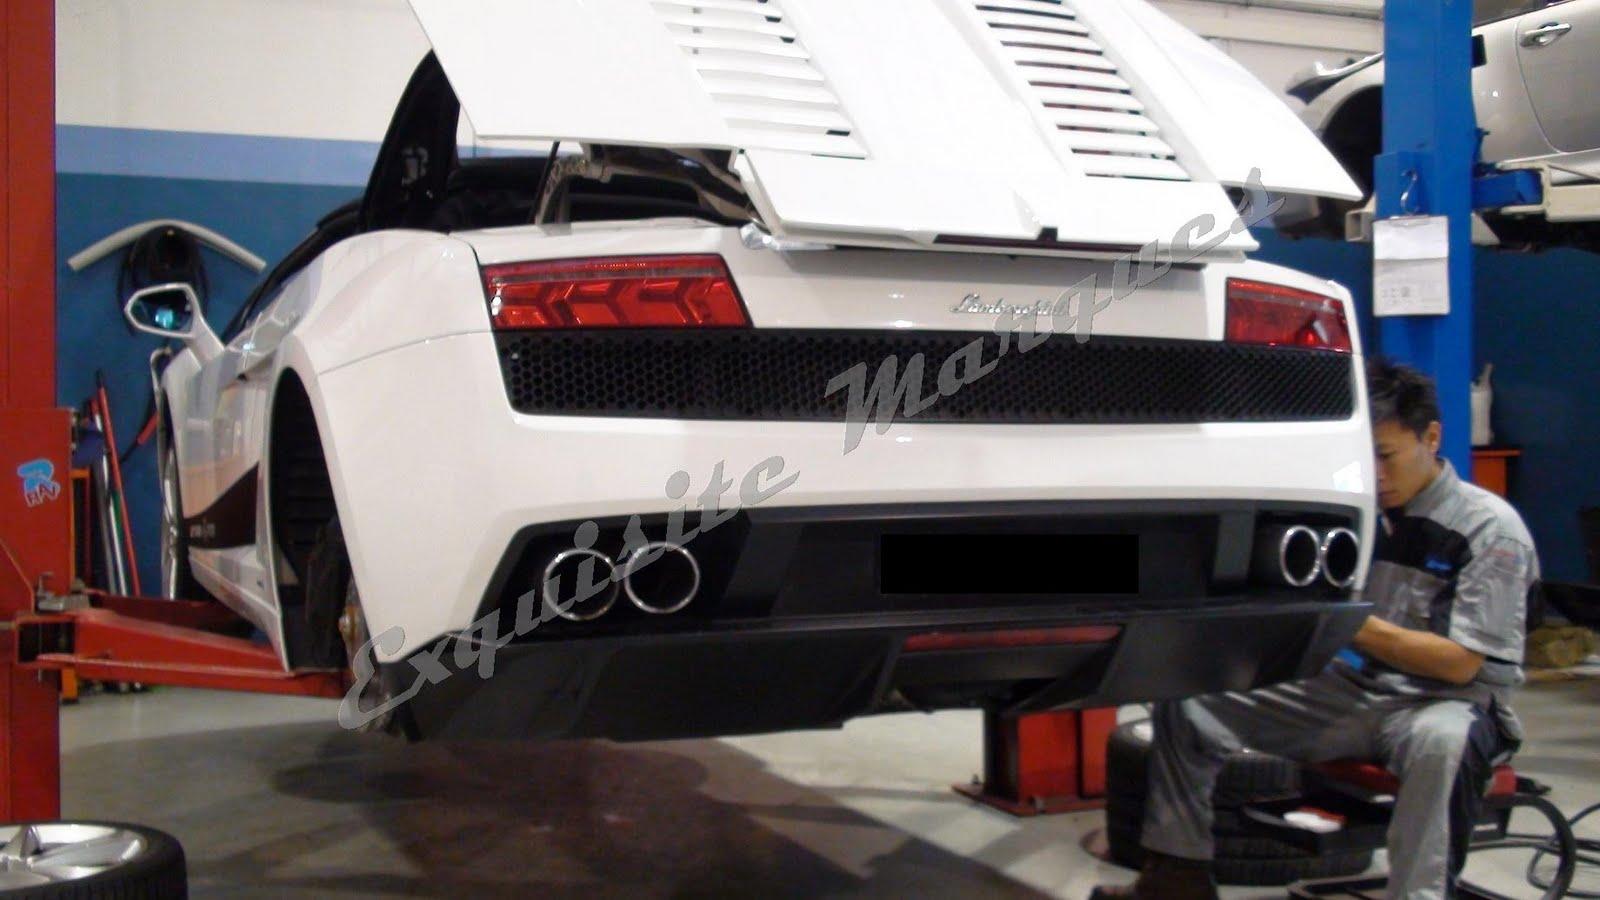 Exquisite Marques: Lamborghini LP560 Capristo Exhaust